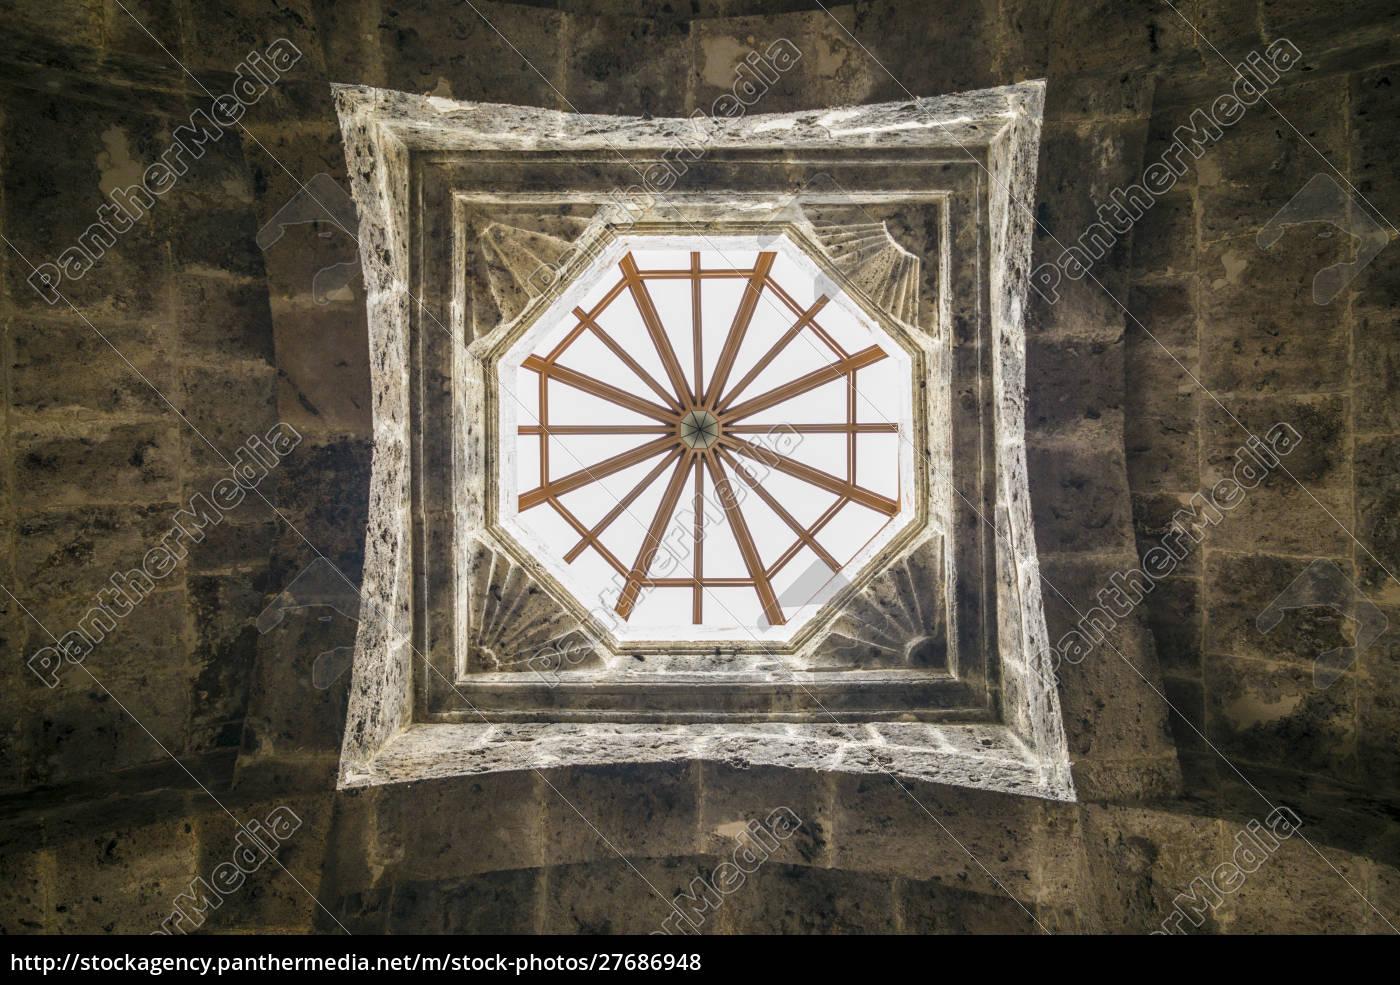 armenien, haghartsin., haghartsin, kloster, iminneren, 10., jahrhundert. - 27686948